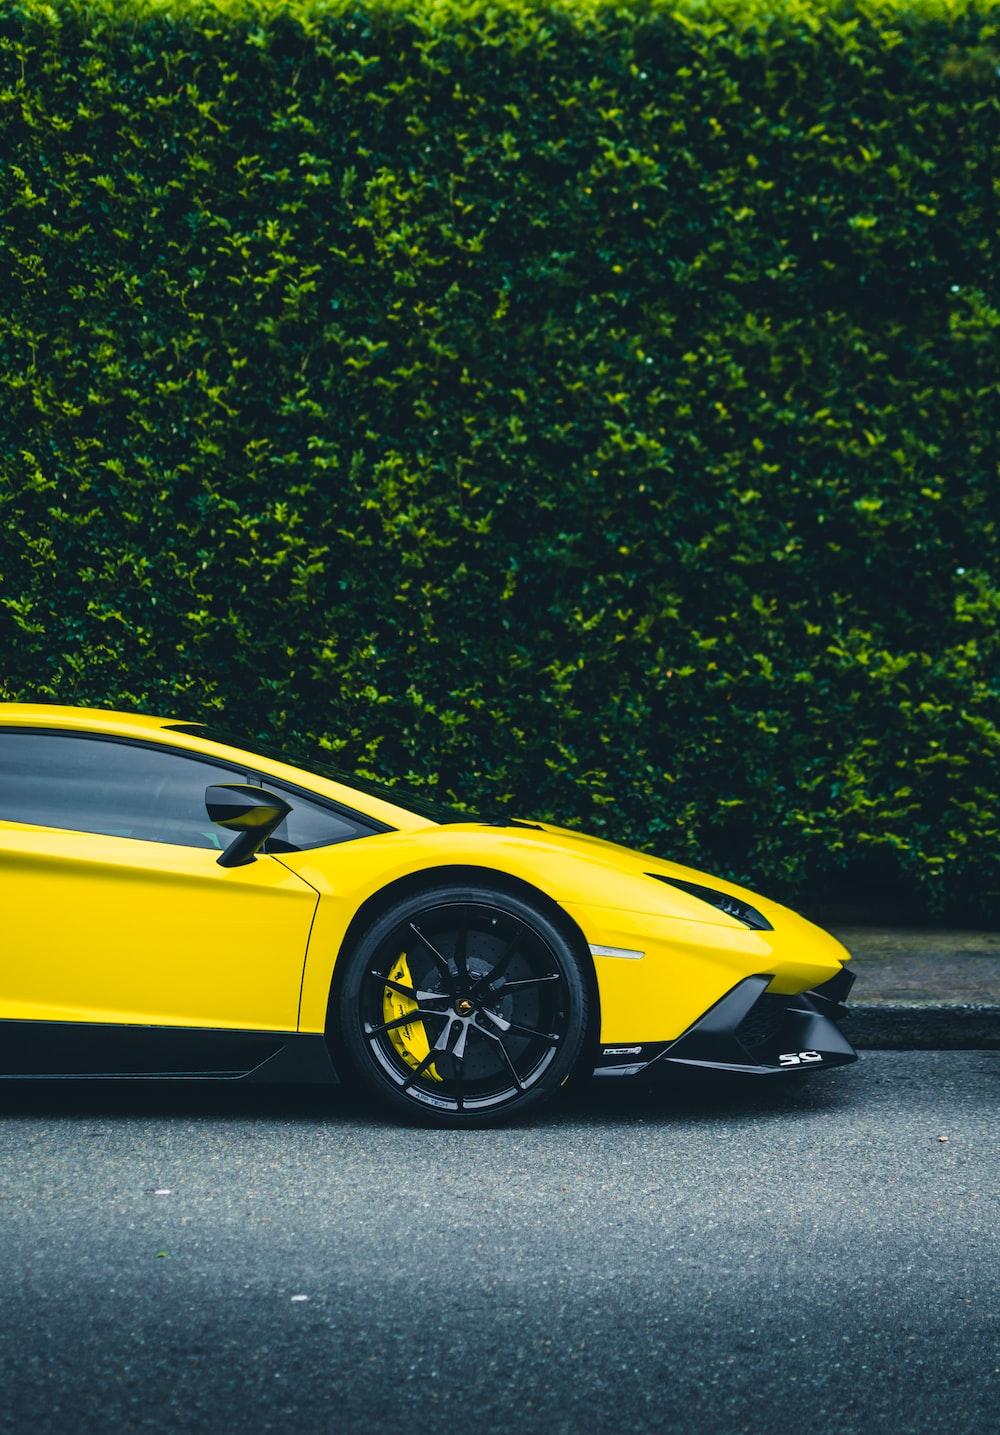 yellow Lamborghini coupe parked beside bush